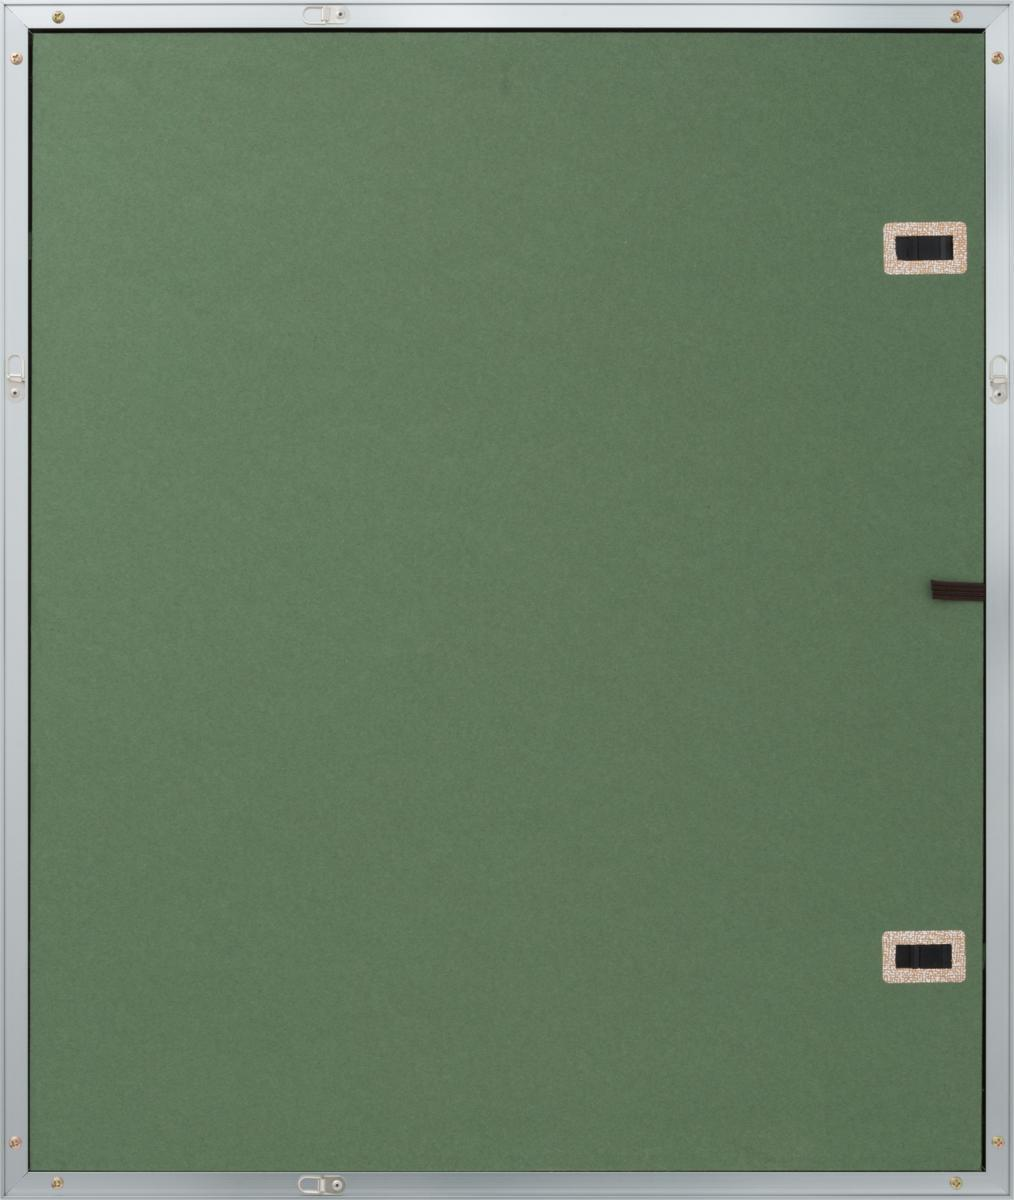 油絵額縁 油彩額縁 アルミフレーム 受注生産品 DA-603 シルバー マットA サイズF0号_画像3